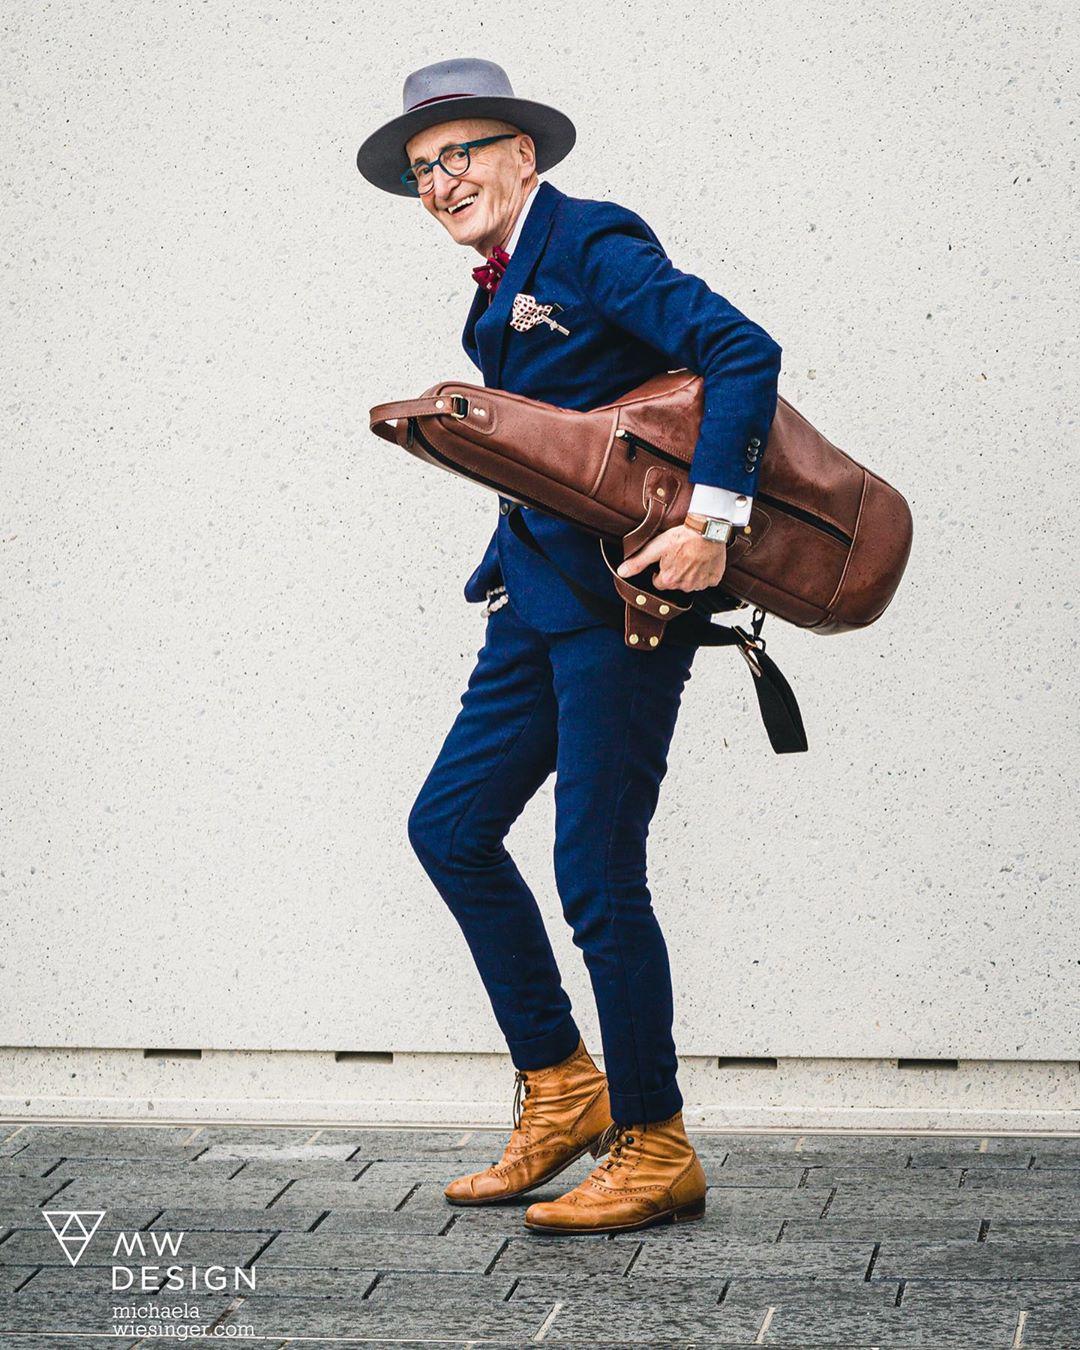 phong cách thời trang - cụ ông u80 mặc suit xanh navy